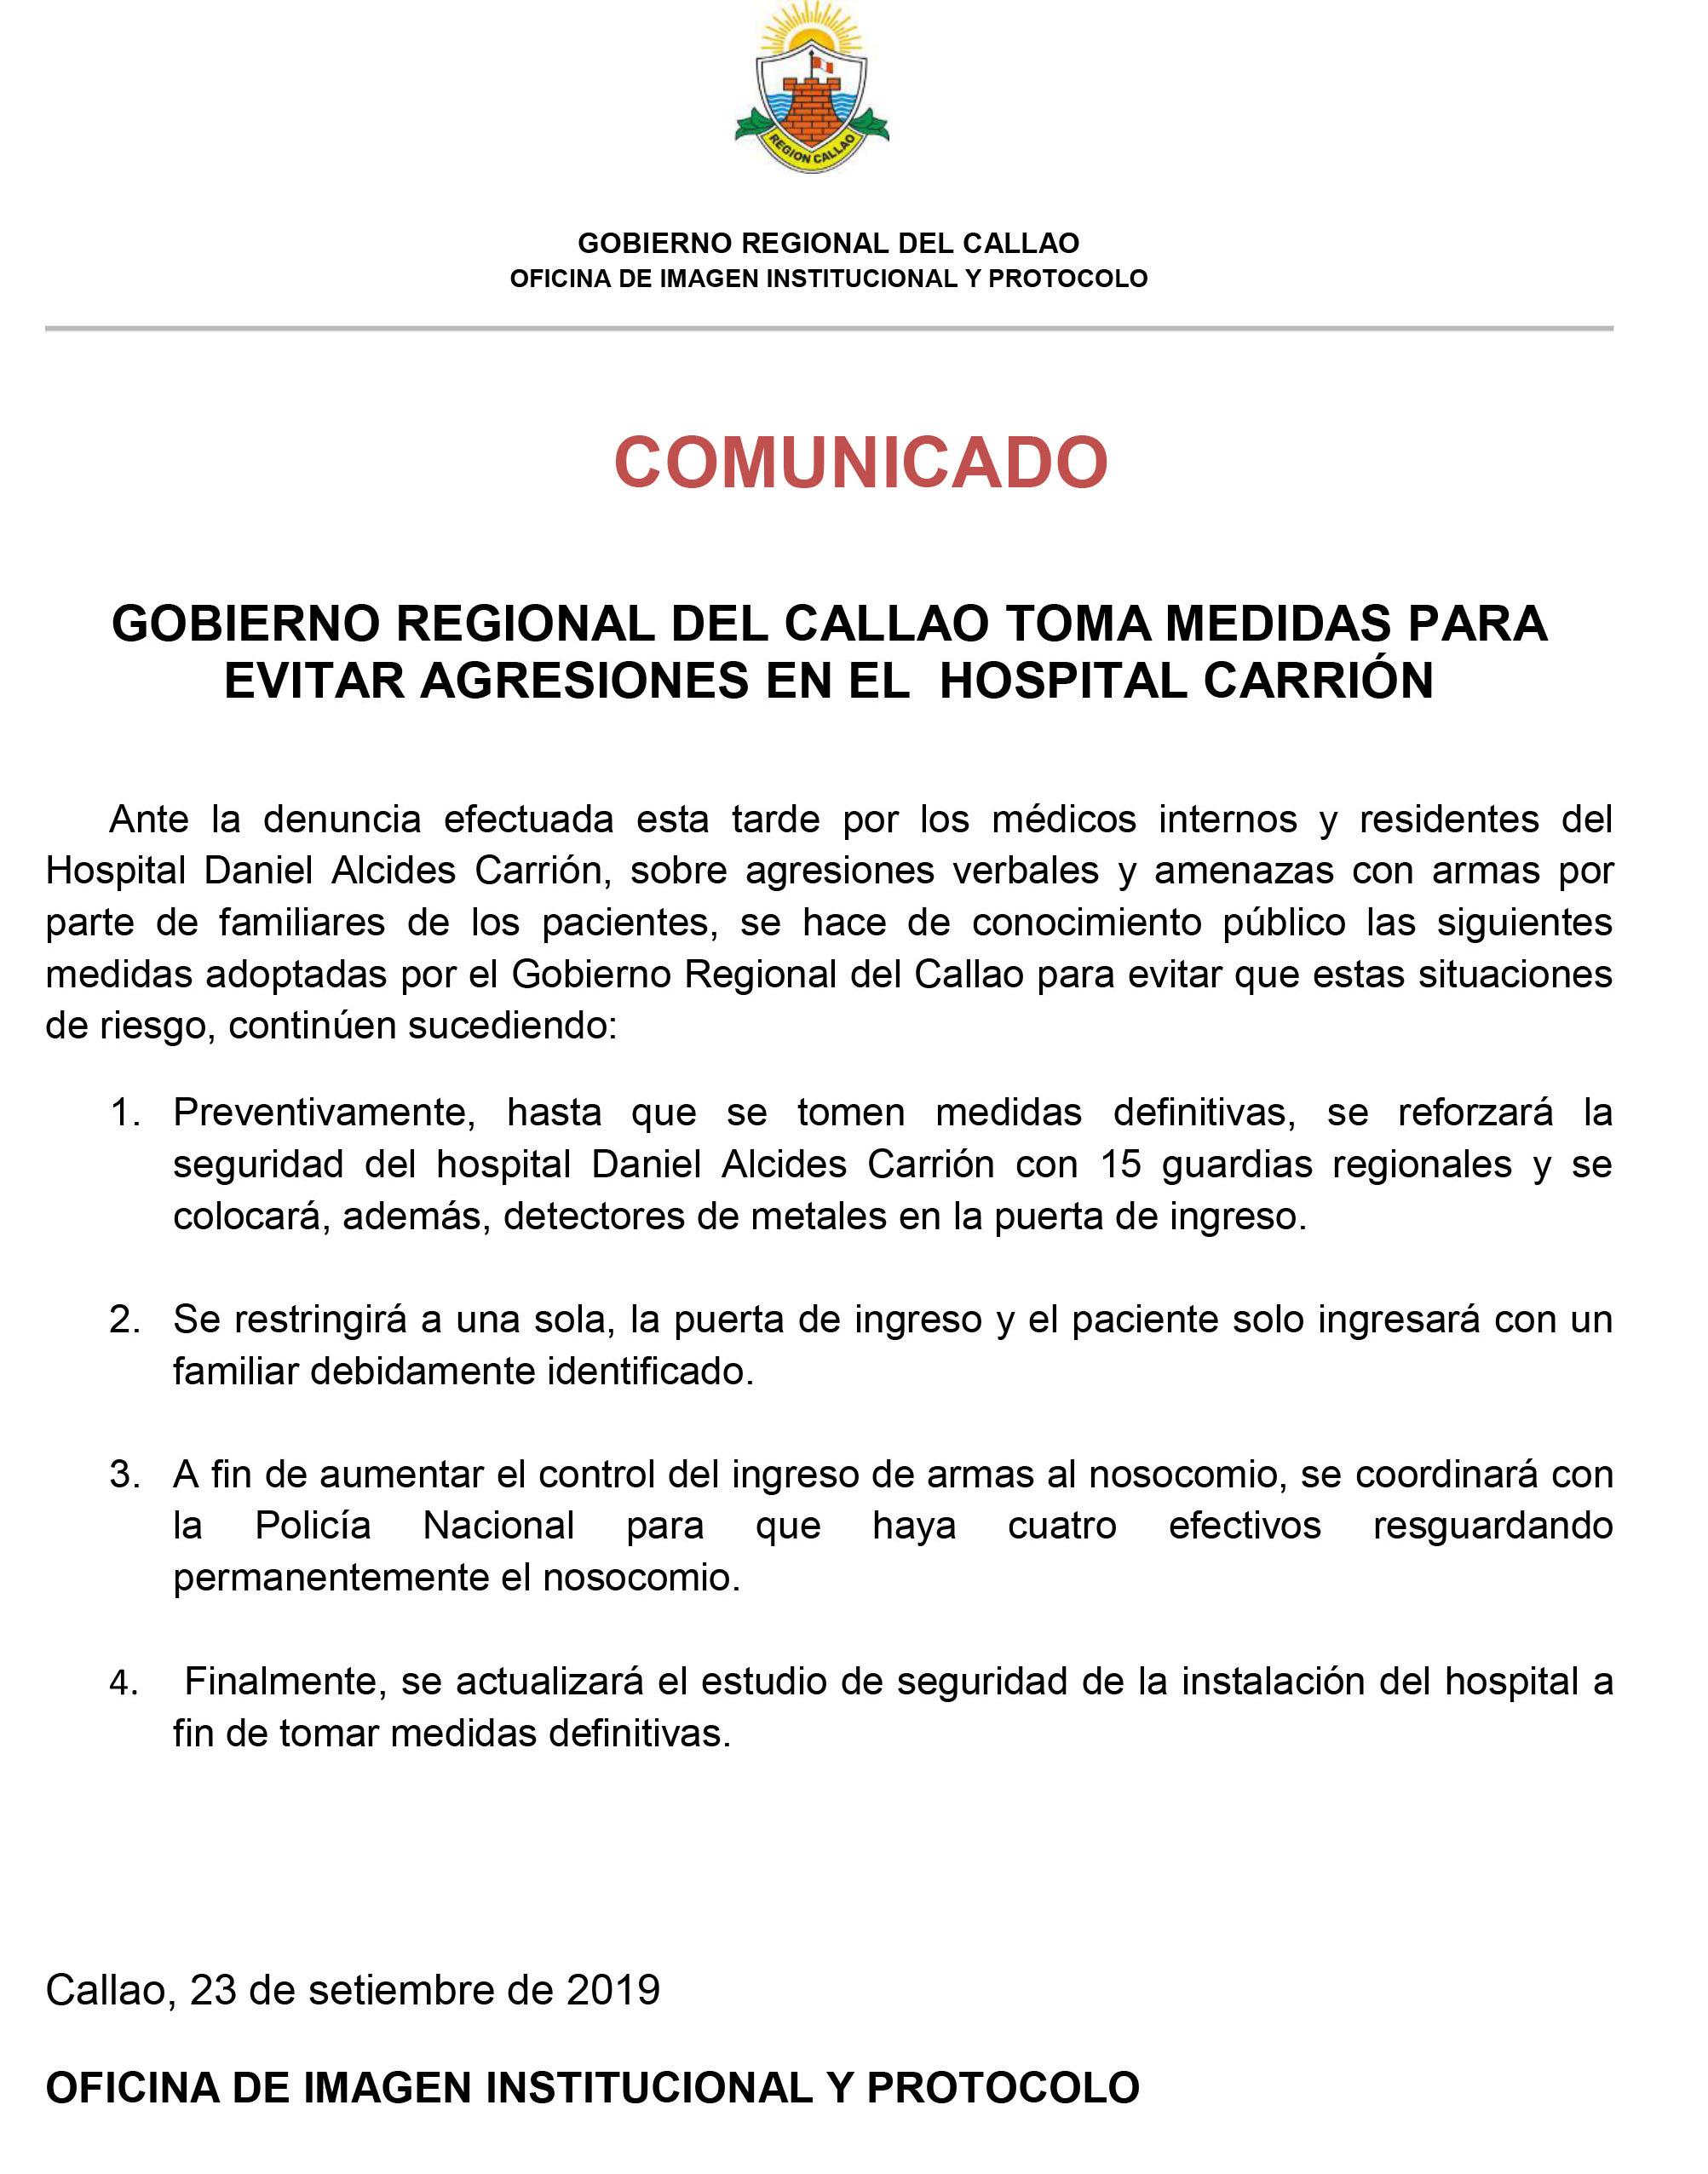 GOBIERNO REGIONAL DEL CALLAO TOMA MEDIDAS PARA EVITAR AGRESIONES EN EL HOSPITAL CARRIÓN.